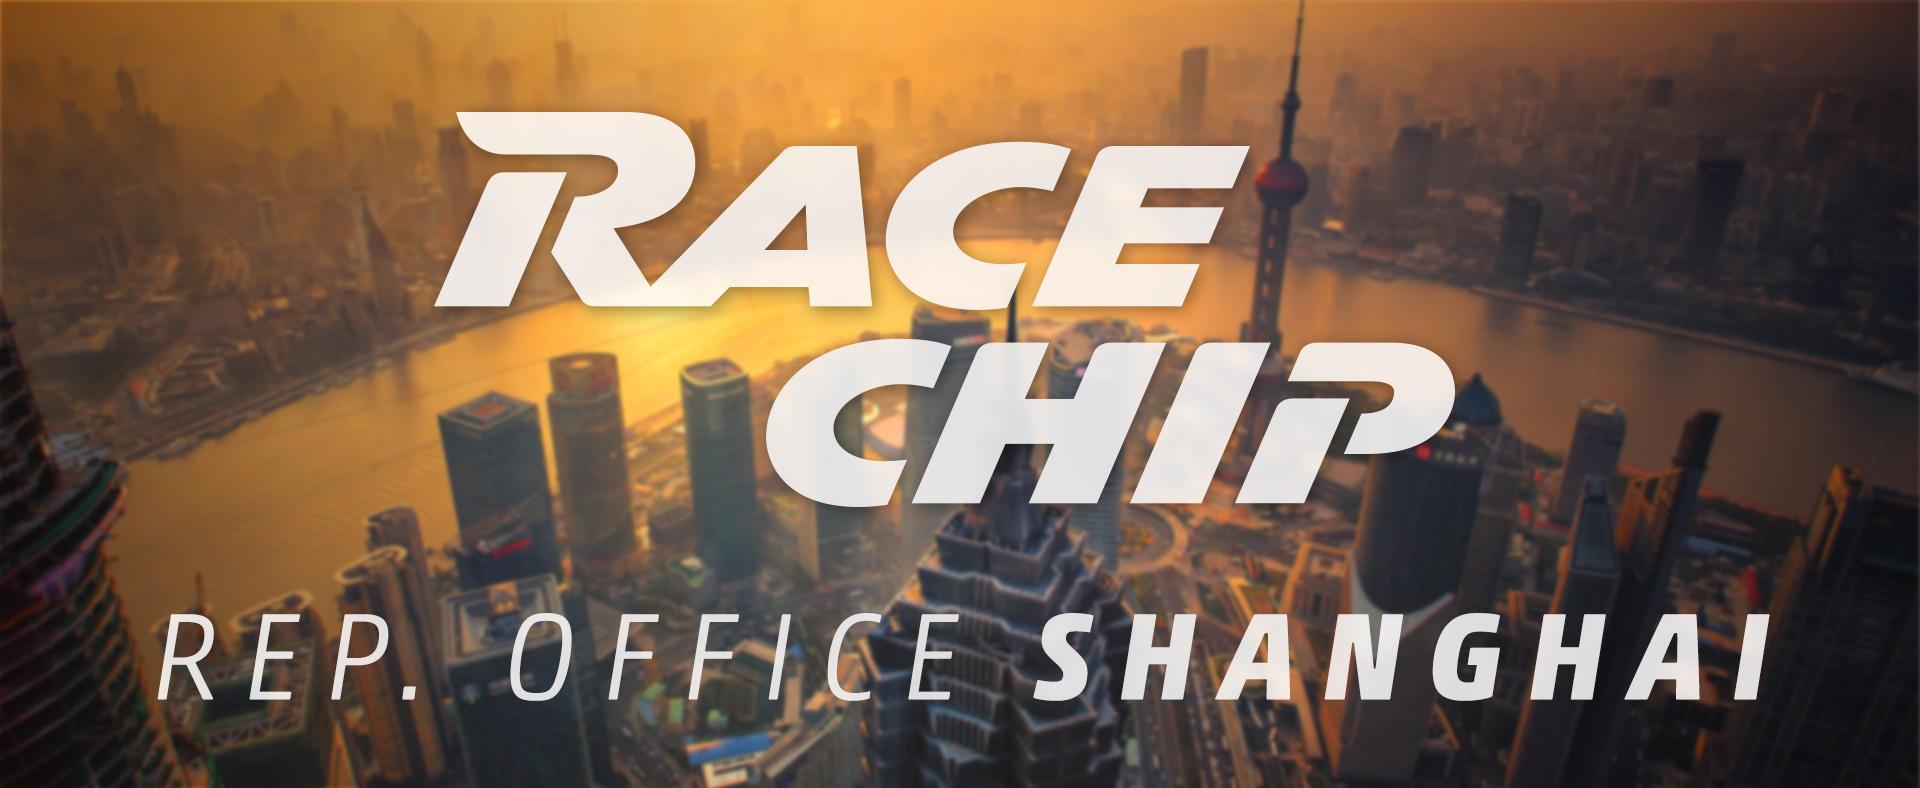 Vorstellung der neuen RaceChip Showcars am Preview Day